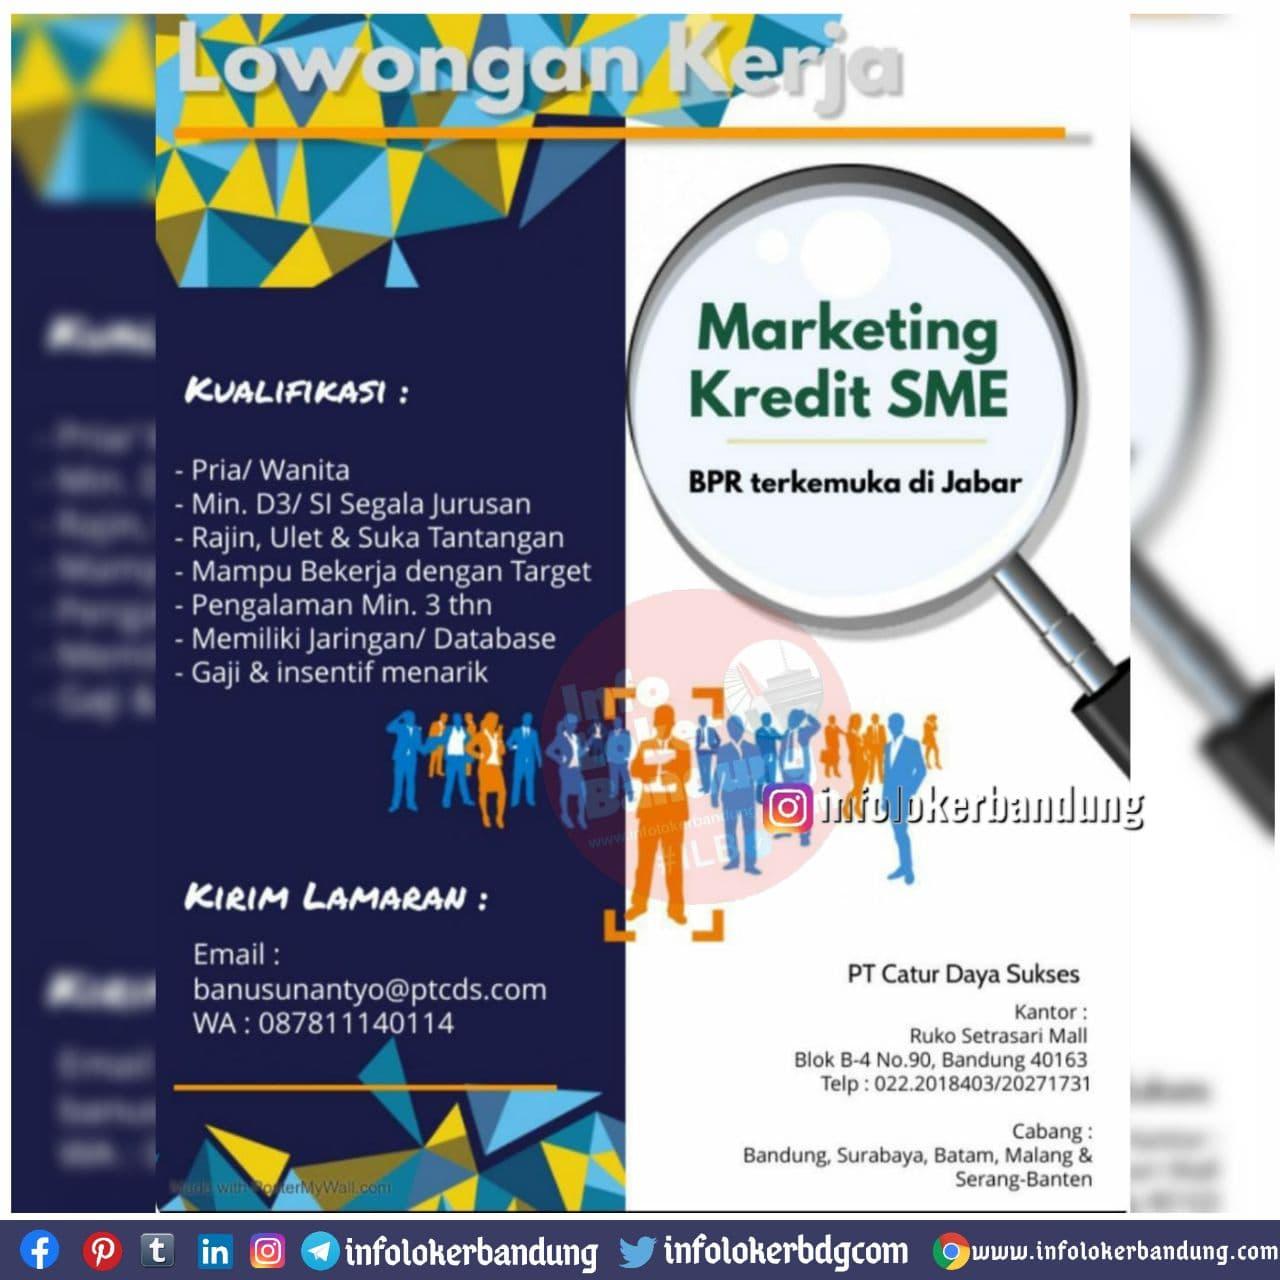 Lowongan Kerja Marketing Kredit SME PT. Catur Daya Sukses Bandung Desember 2020